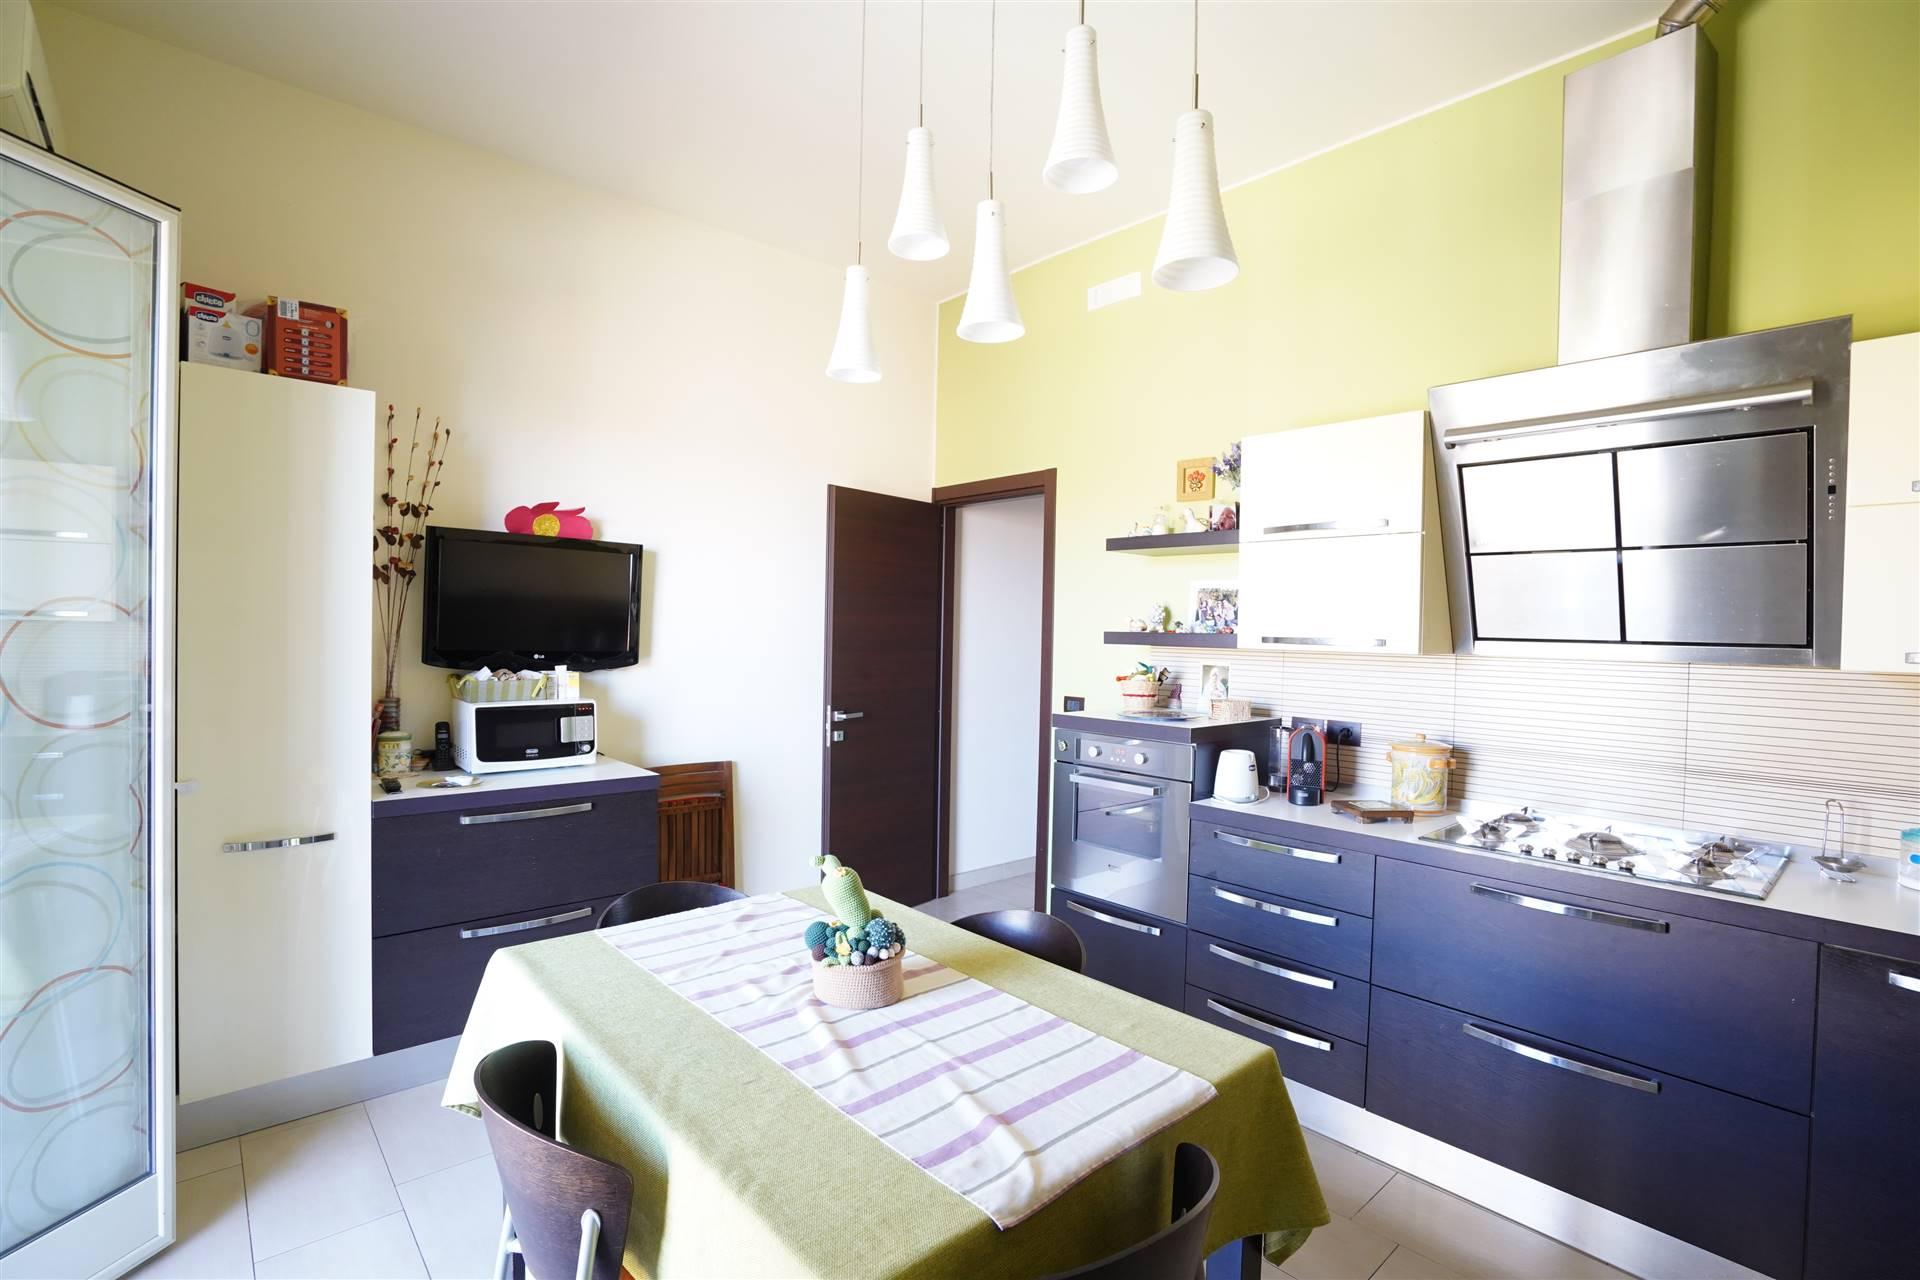 Appartamento in vendita a Tremestieri Etneo, 3 locali, prezzo € 118.000   PortaleAgenzieImmobiliari.it